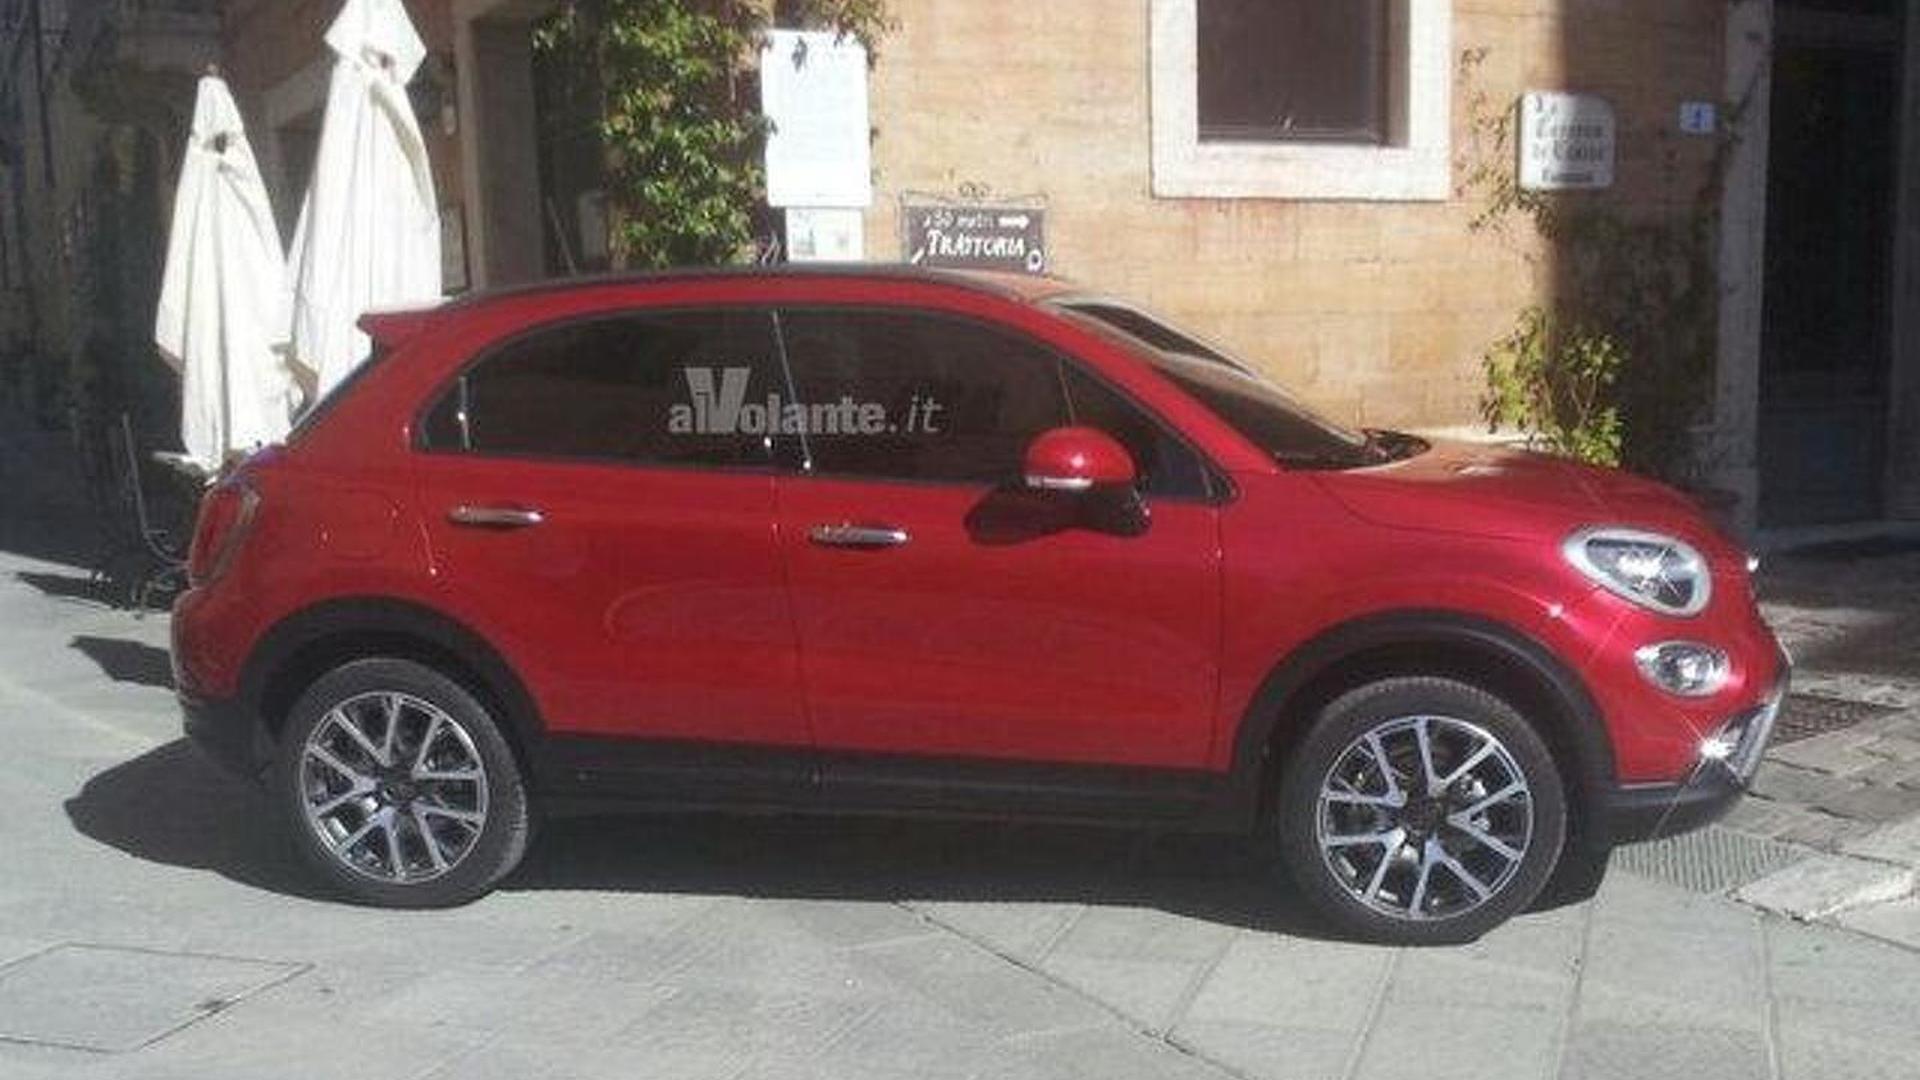 Fiat 500X leaked again